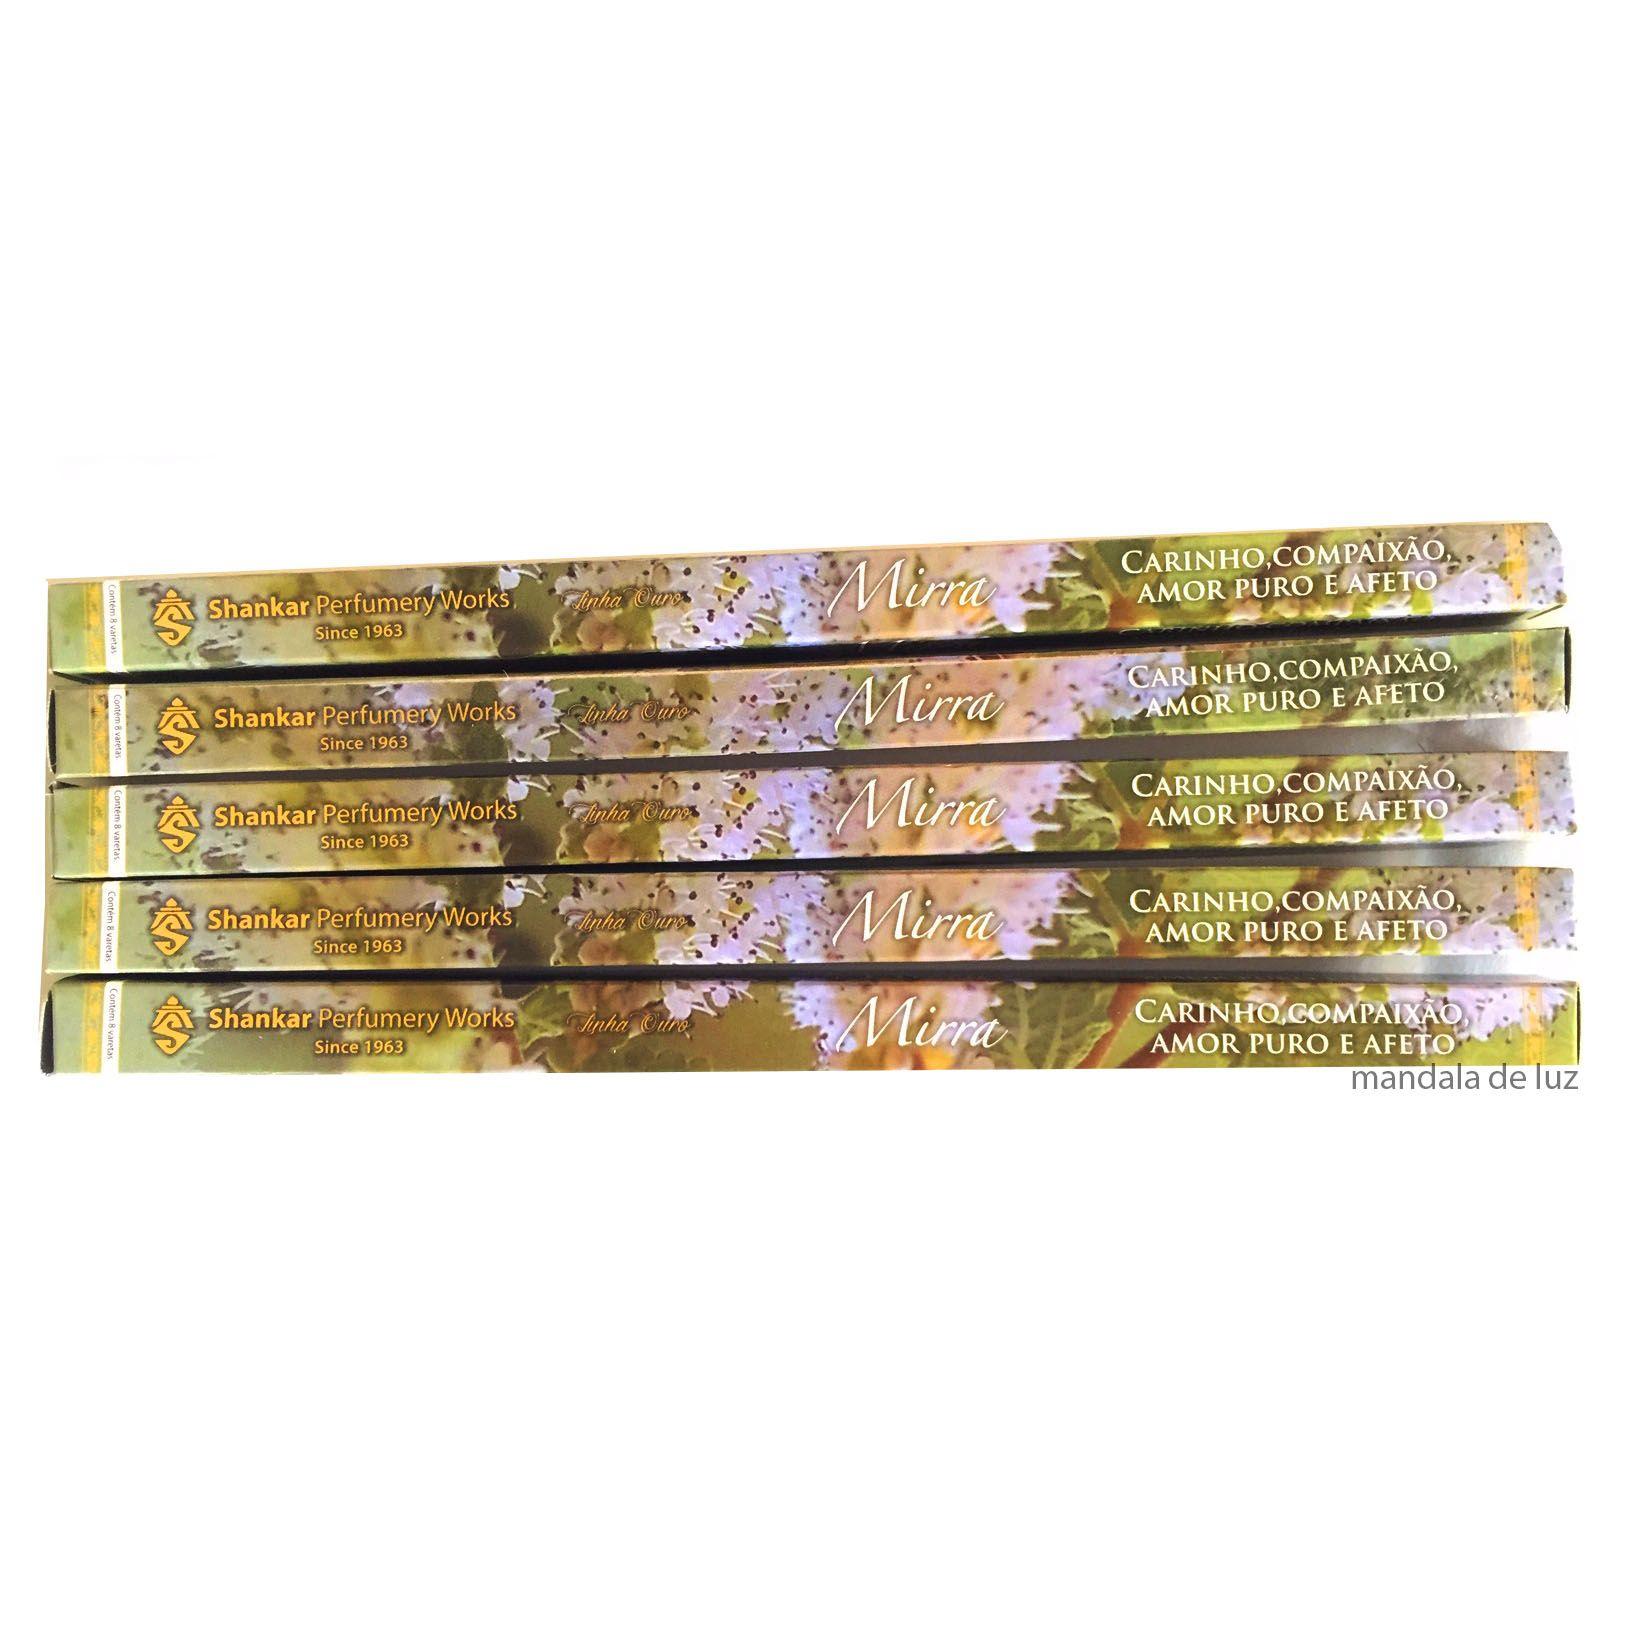 5 caixas de incensos Shankar Mirra - 40 varetas